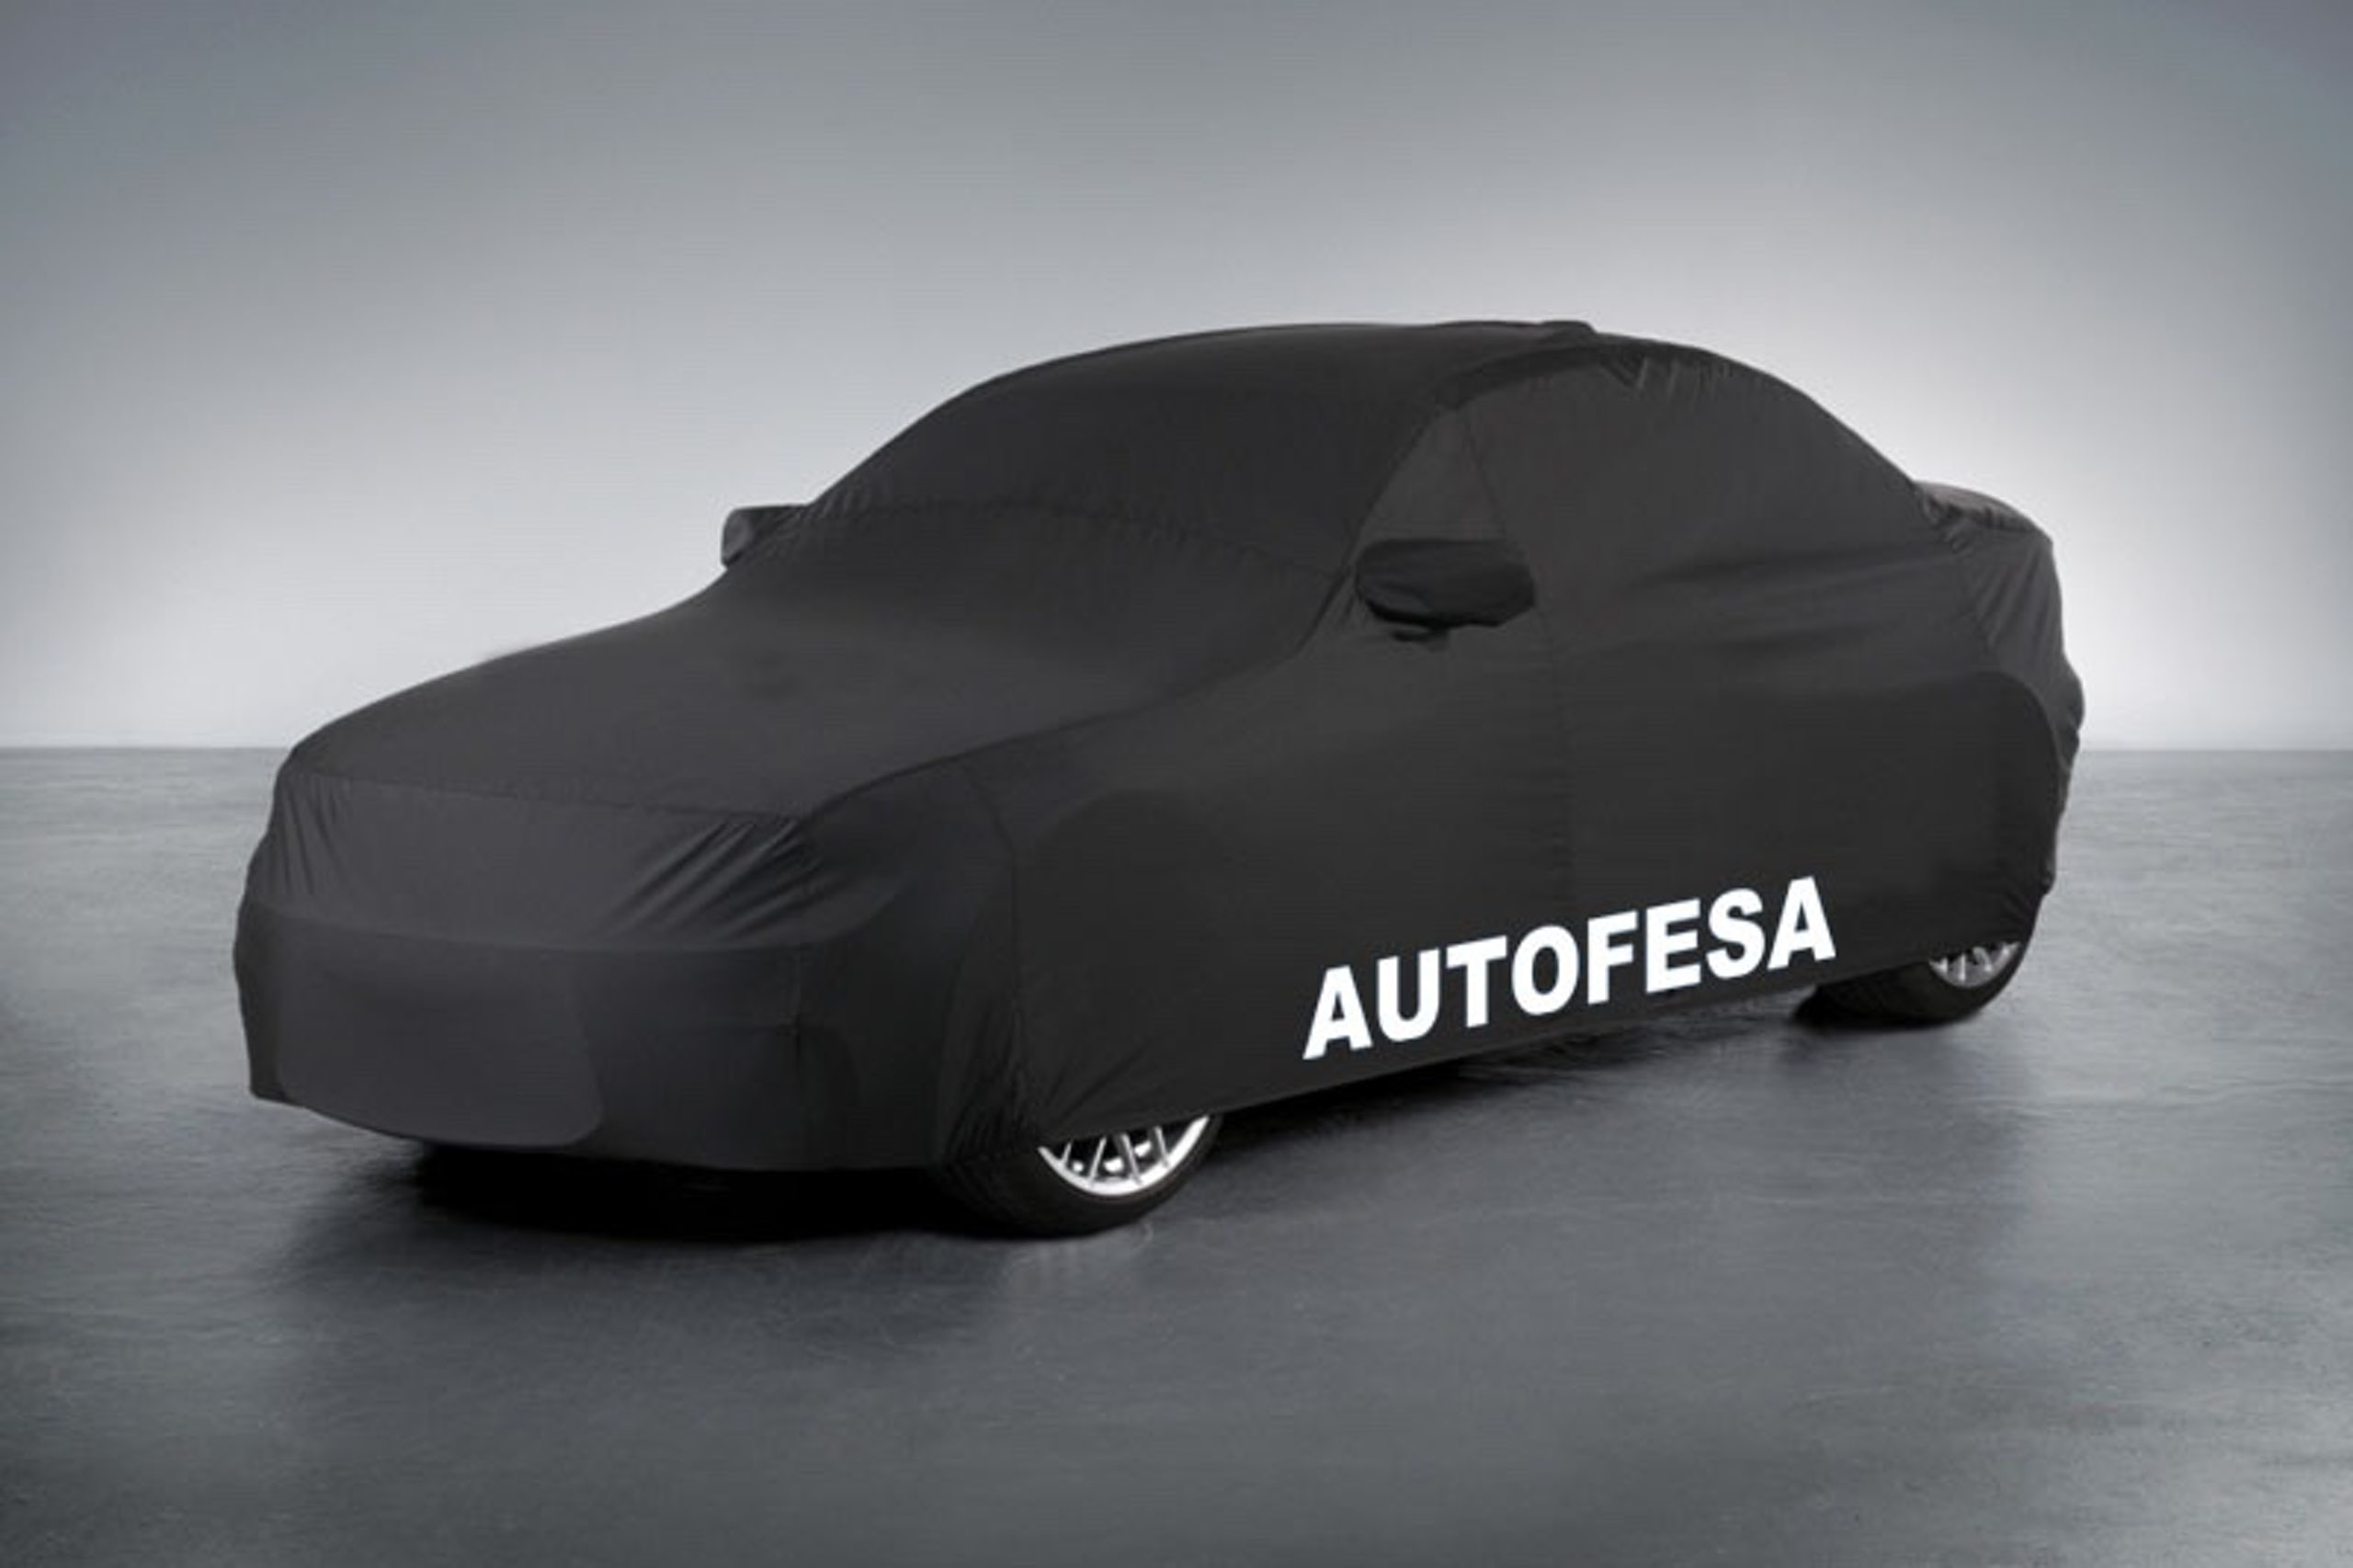 Audi Q7 3.0 TDI 233cv quattro Tiptronic 5p 7plz Auto - Foto 32